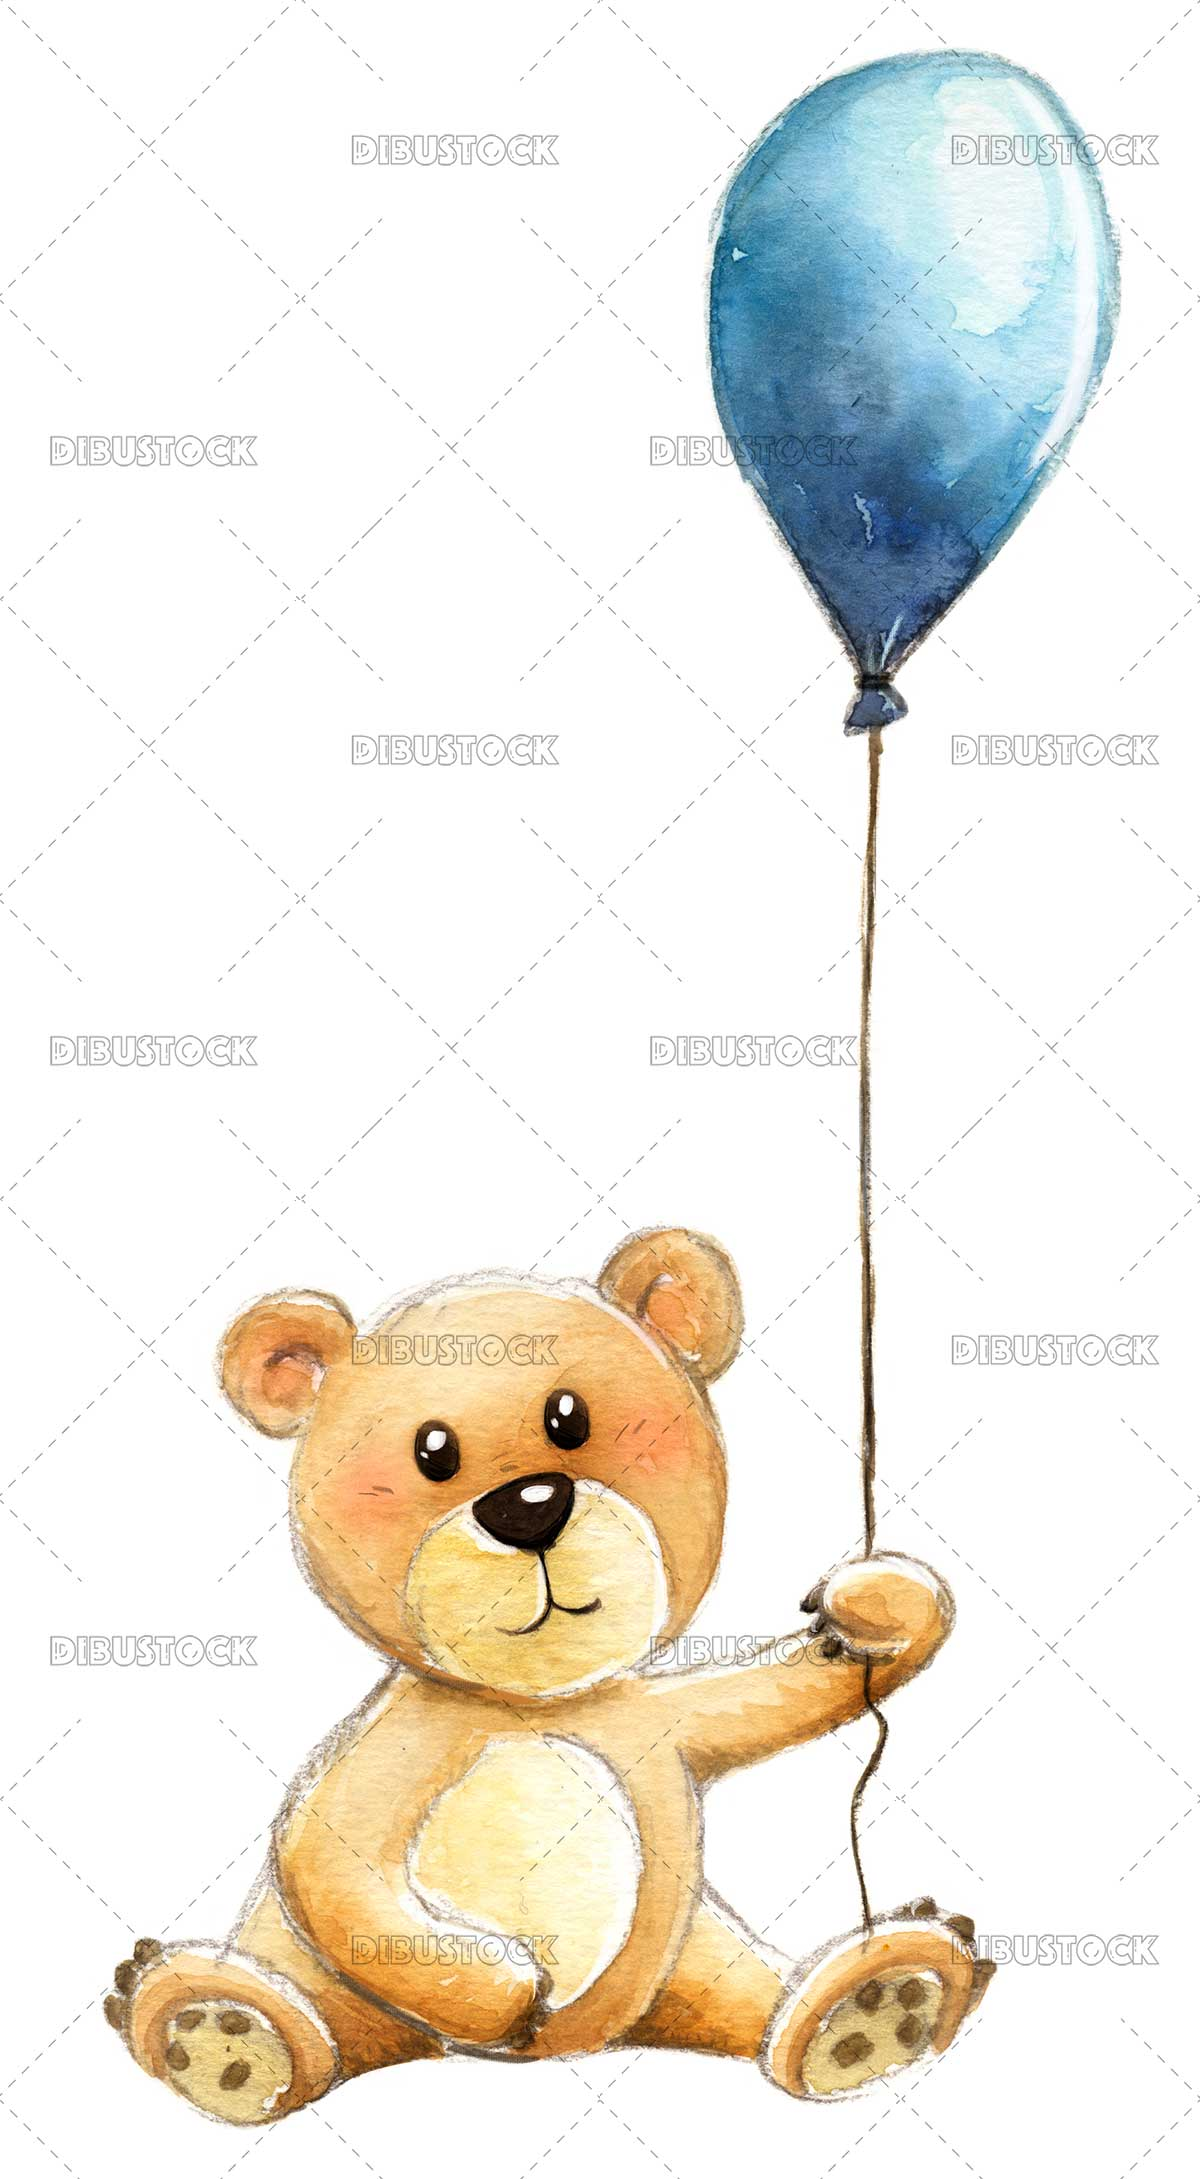 Teddy bear with blue balloon